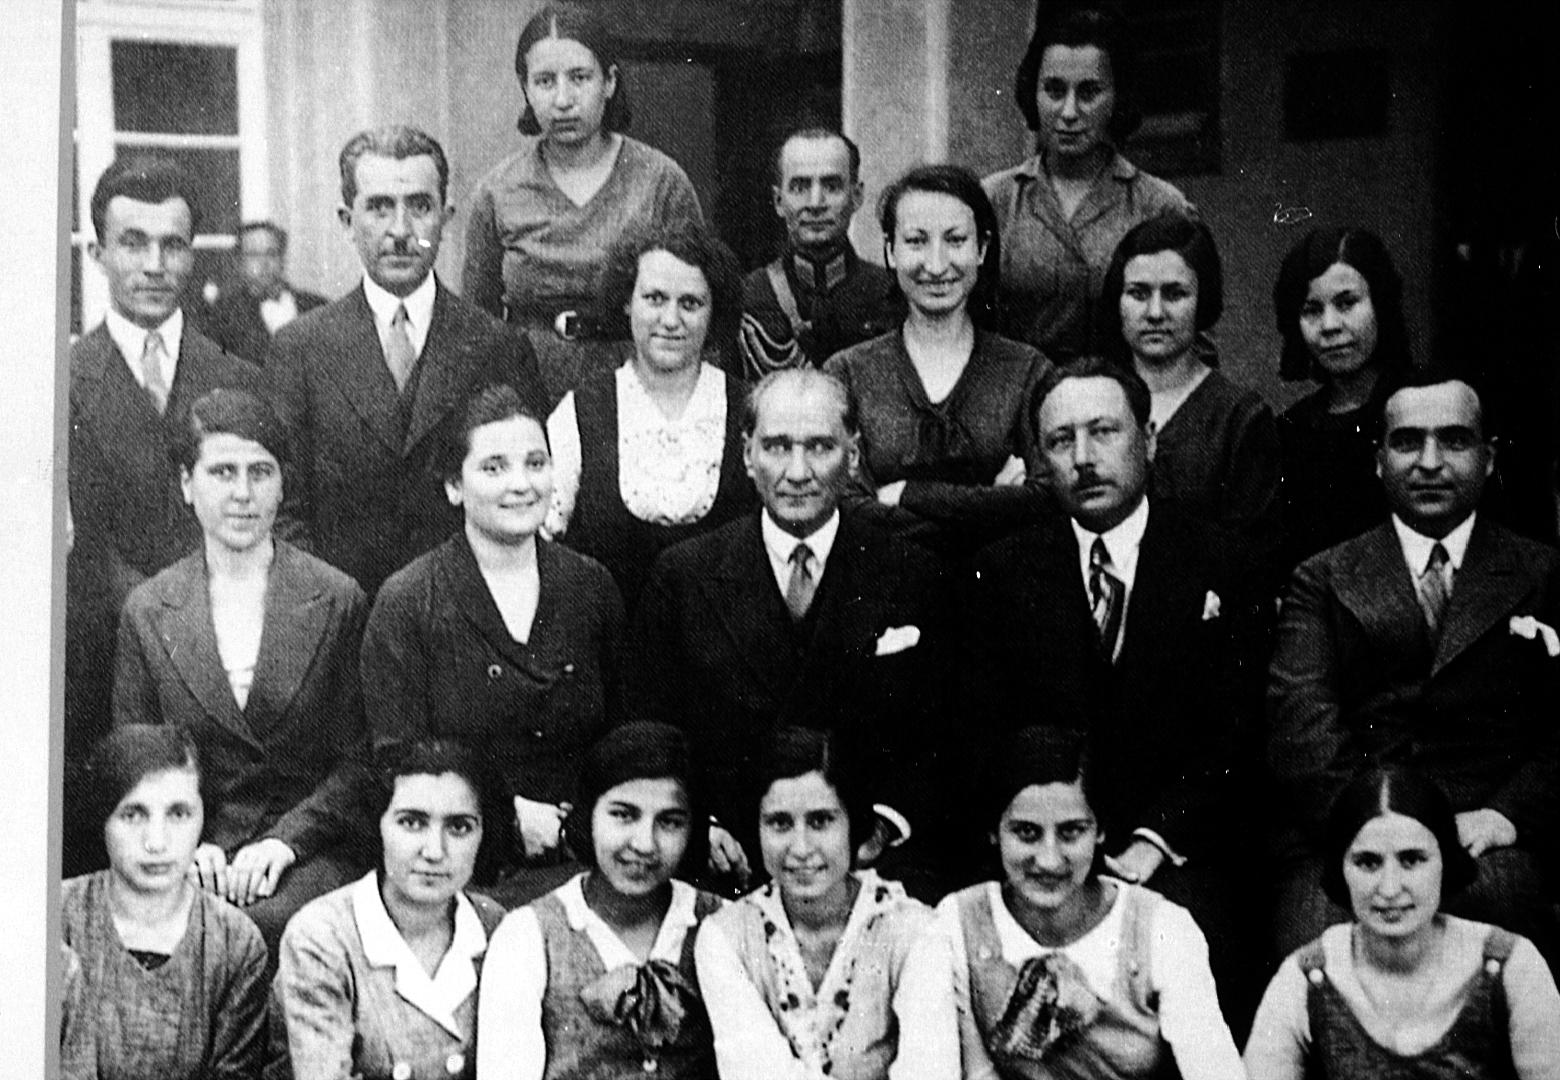 turkiyenin-ilk-kadin-muhendisi-sabiha-rifat-gureymanin-ilginc-hikayesi